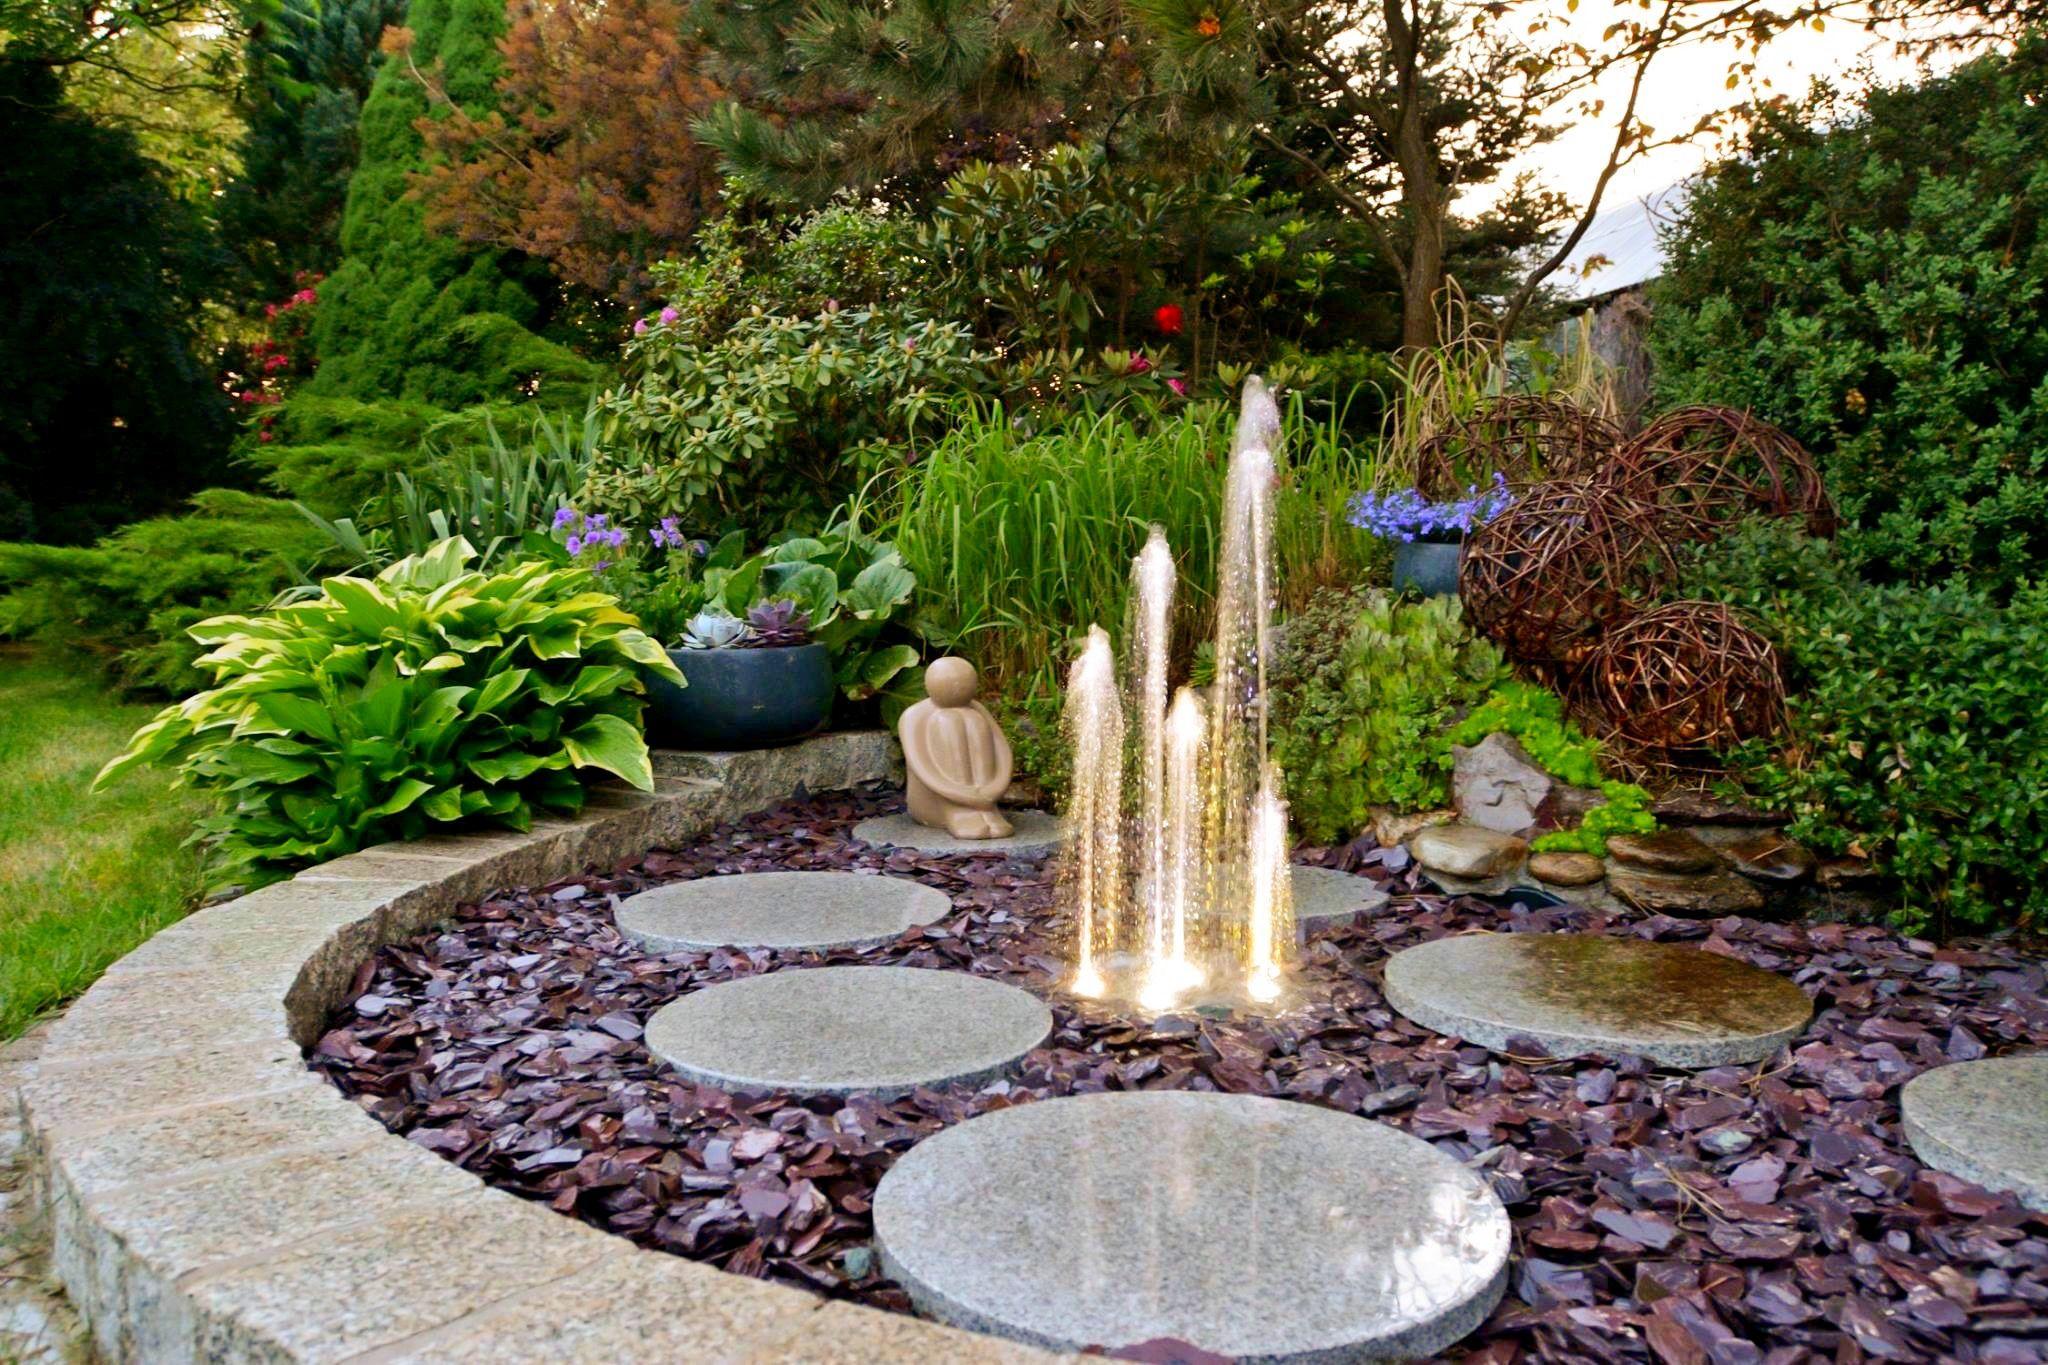 Romantycznie Wiosna W Ogrodzie Ogrody Projektowanie Ogrodow Kielce I Realizacje Greenpoint Kielce Ogrody Ogrody Kielce Projekt Outdoor Decor Outdoor Landscape